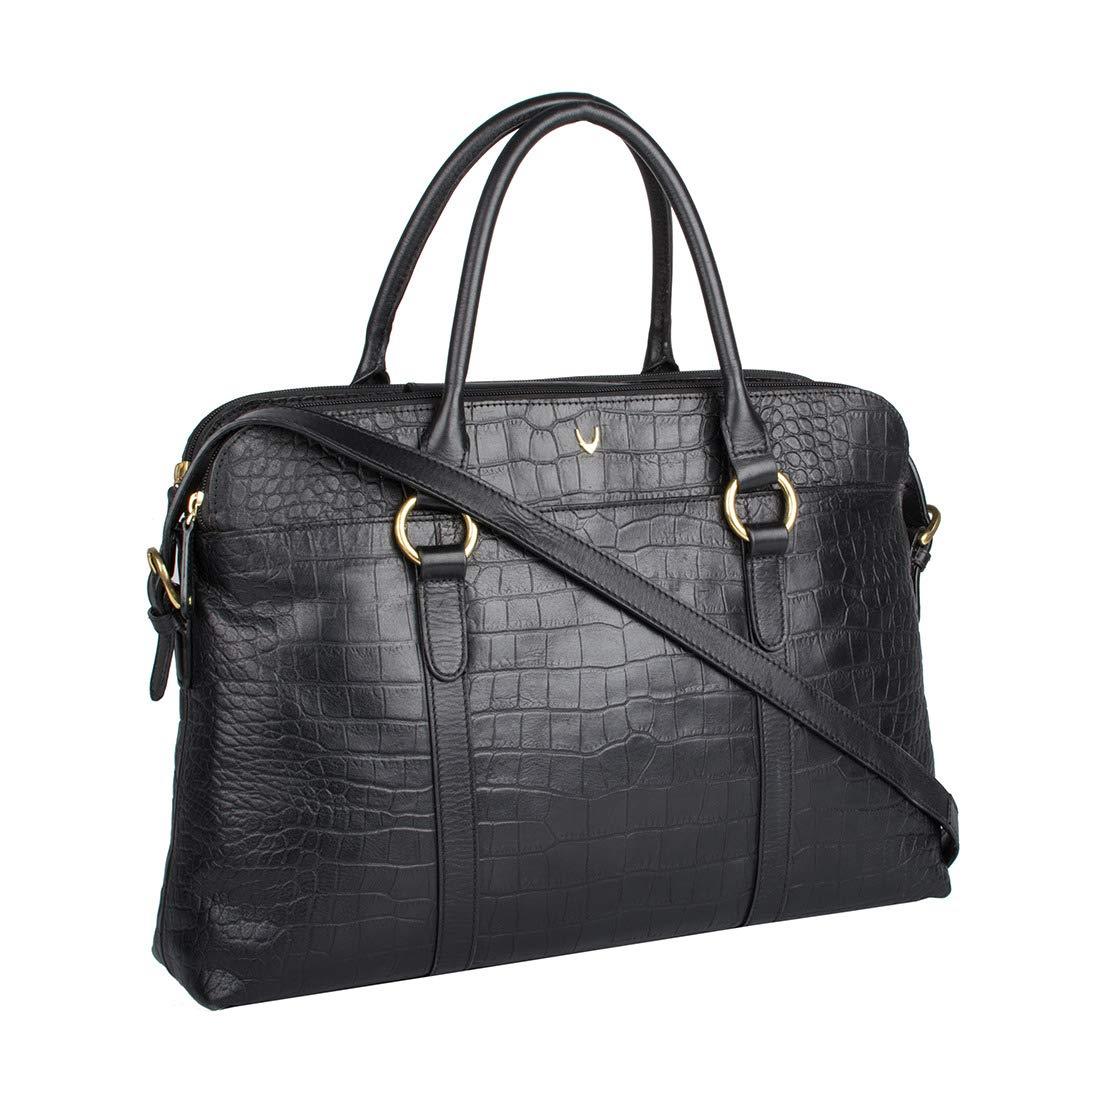 Hidesign-Handbag-for-women